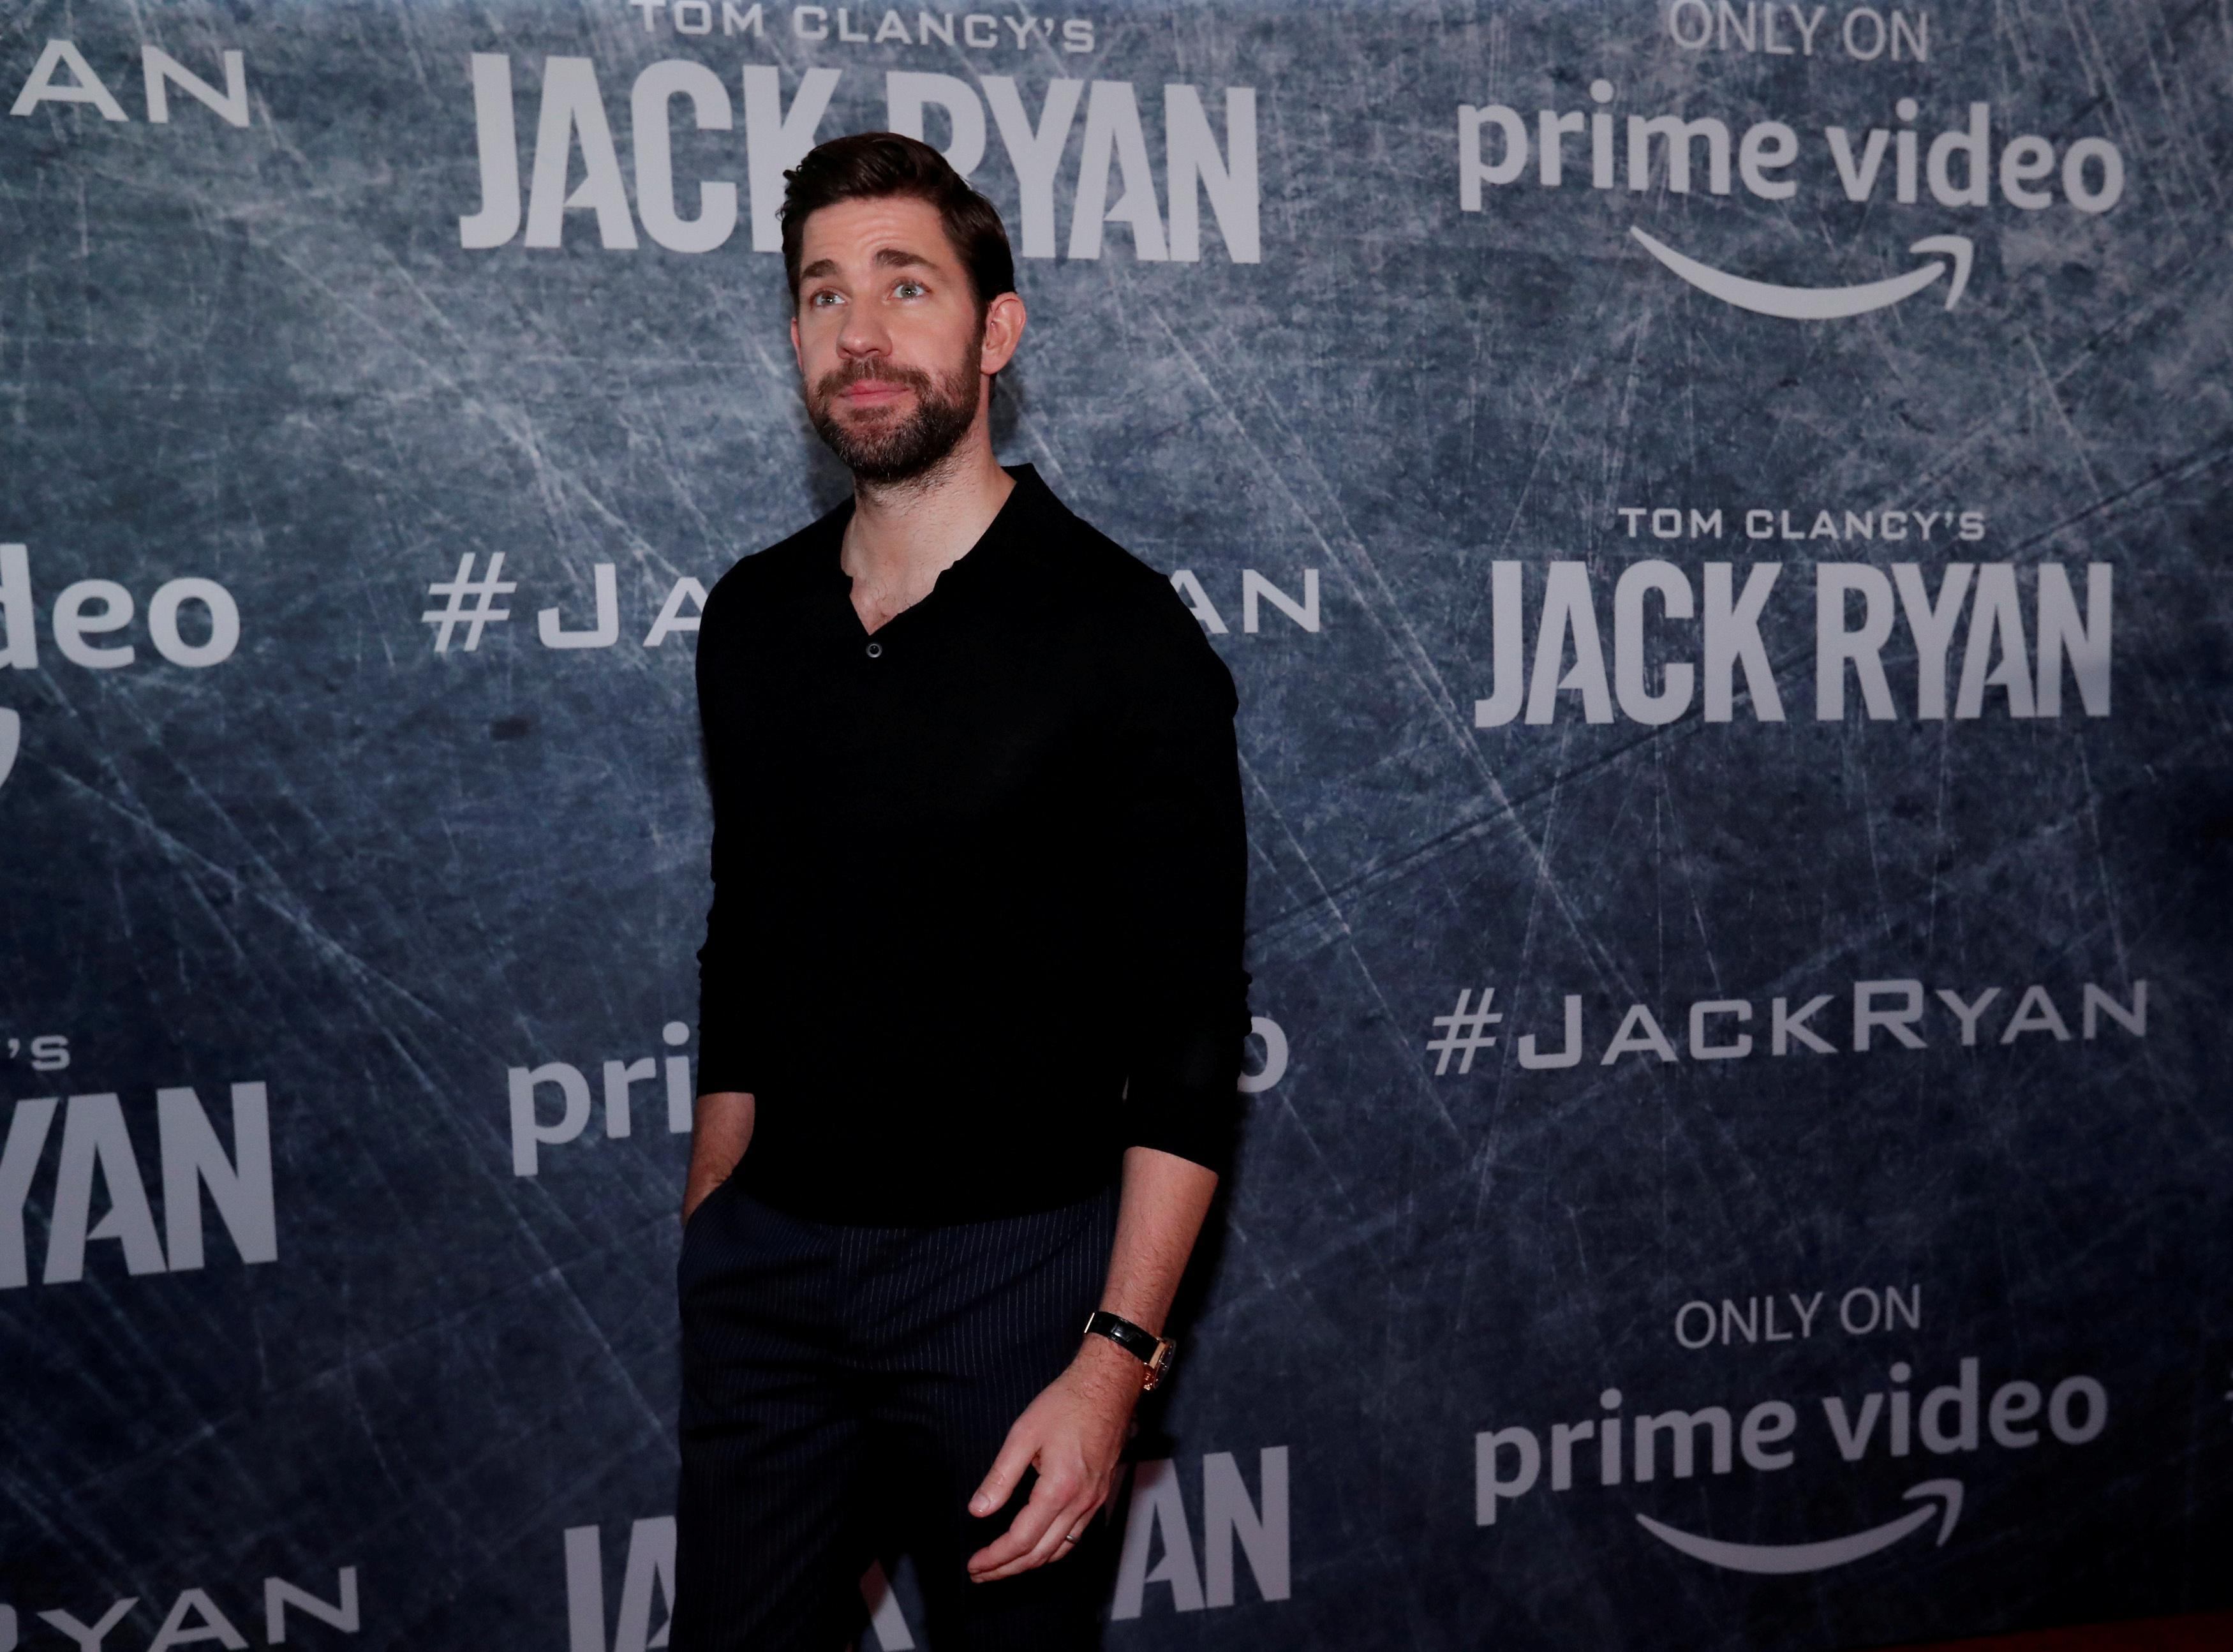 Amazon's 'Jack Ryan' TV series lambasted for promoting Venezuela 'invasion'